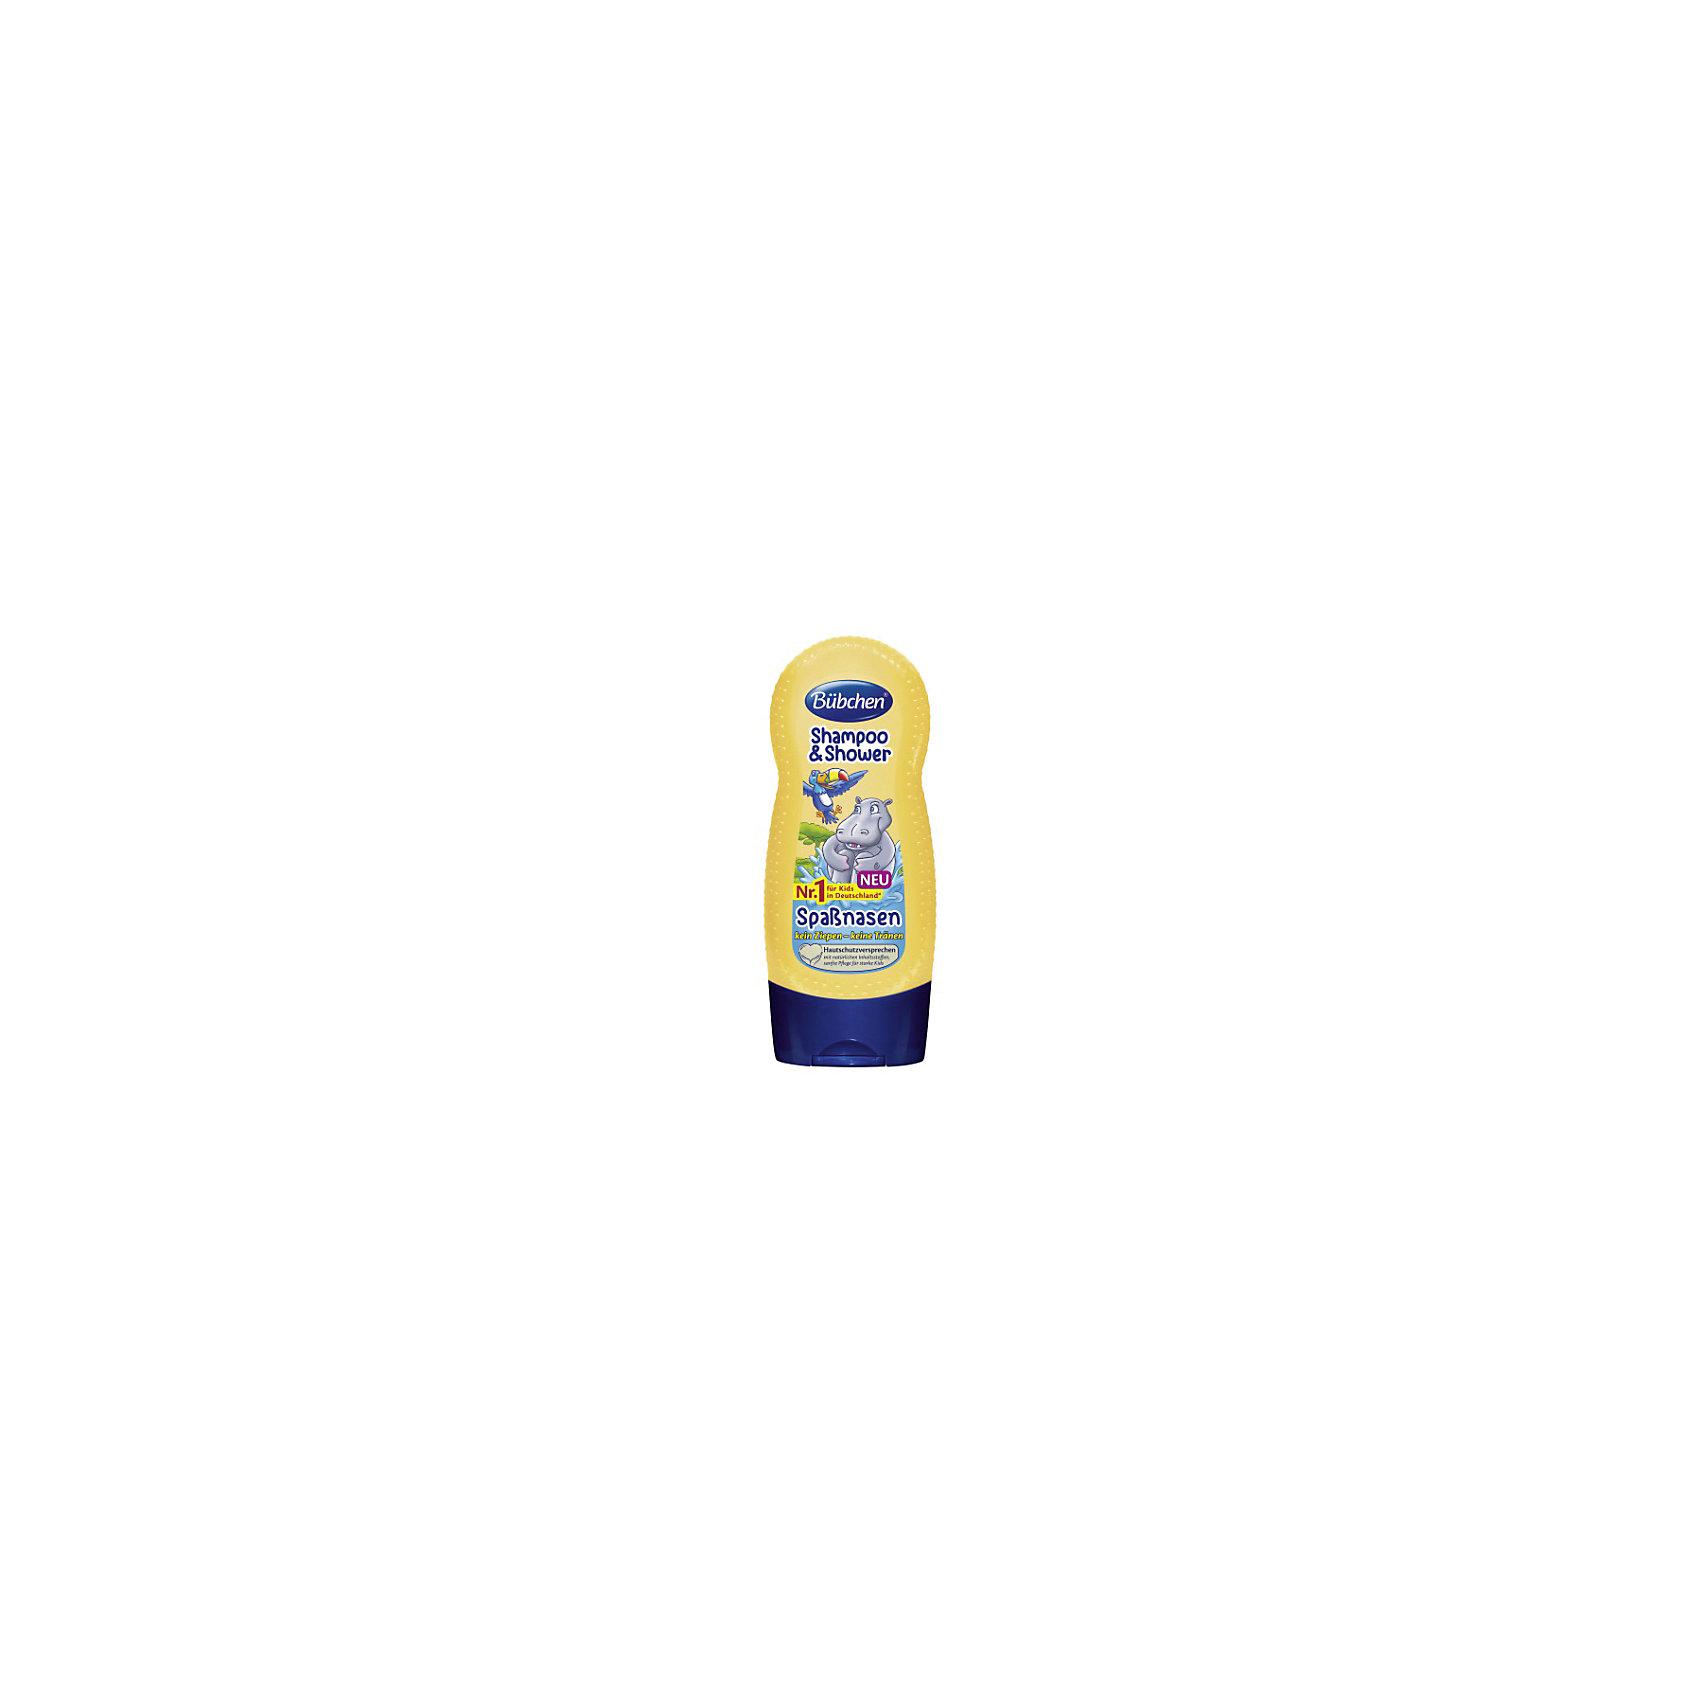 Шампунь для мытья волос и тела Лимпопо, BUBCHEN, 230 мл.Шампунь для мытья волос и тела Лимпопо, BUBCHEN, 230 мл.– это то, что вы искали для своего малыша. Этот шампунь обеспечивает нежное очищение, защиту и увлажнение сразу во время купания. Совмещает в себе шампунь для волос и гель для душа. Шампунь обладает приятным запахом и благодаря натуральным компонентам обеспечивает увлажнение и питание кожи и волос. После использования шампуня волосы становятся послушными и легко расчесываются. Способ применения: нанесите небольшое количество шампуня на губку или руку и затем на влажную кожу и влажные волосы. Легко помассируйте и затем смойте теплой водой пену. Также можно добавить несколько капель шампуня в ванну. <br><br>Дополнительная информация:<br>- PH-нейтральный для кожи<br>- Не раздражает глаза<br>- Подходит для ежедневного ухода<br>- Размер: 50 * 100 * 50 мм<br><br>Шампунь для мытья волос и тела Лимпопо, BUBCHEN, 230 мл. можно купить в нашем интернет-магазине.<br><br>Подробнее:<br>• Для детей в возрасте: от 3 до 10 лет<br>• Номер товара: 4940224<br>Страна производитель: Германия<br><br>Ширина мм: 50<br>Глубина мм: 100<br>Высота мм: 50<br>Вес г: 299<br>Возраст от месяцев: 36<br>Возраст до месяцев: 2147483647<br>Пол: Унисекс<br>Возраст: Детский<br>SKU: 4940224